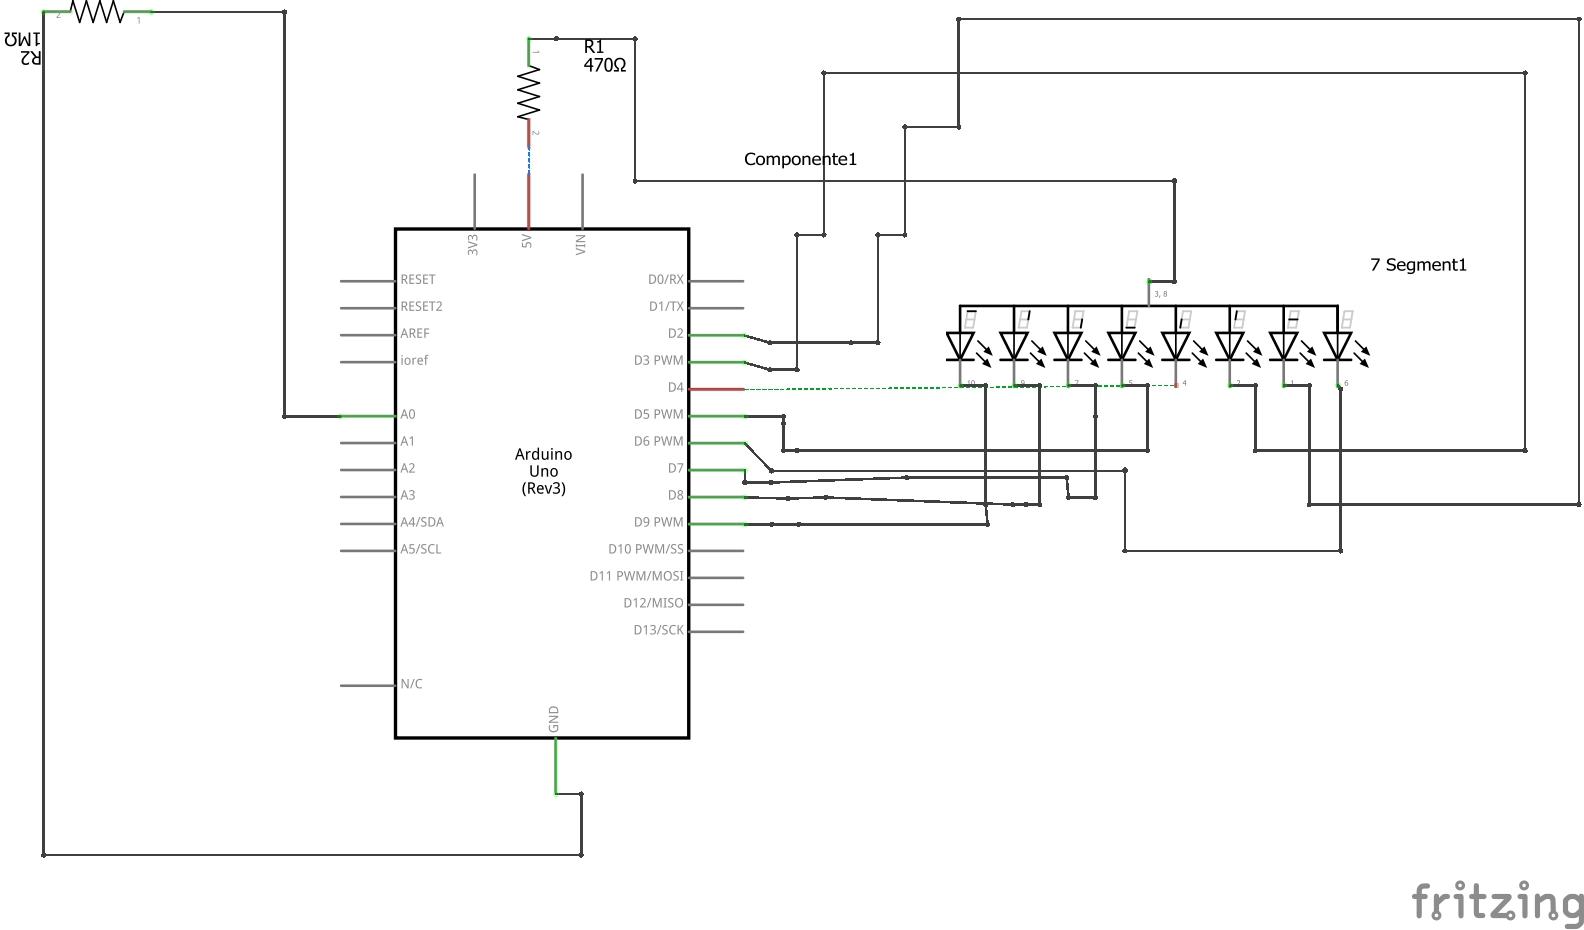 Schemi Elettrici Arduino : Prepariamoci a realizzare un rilevatore di campi elettrici con